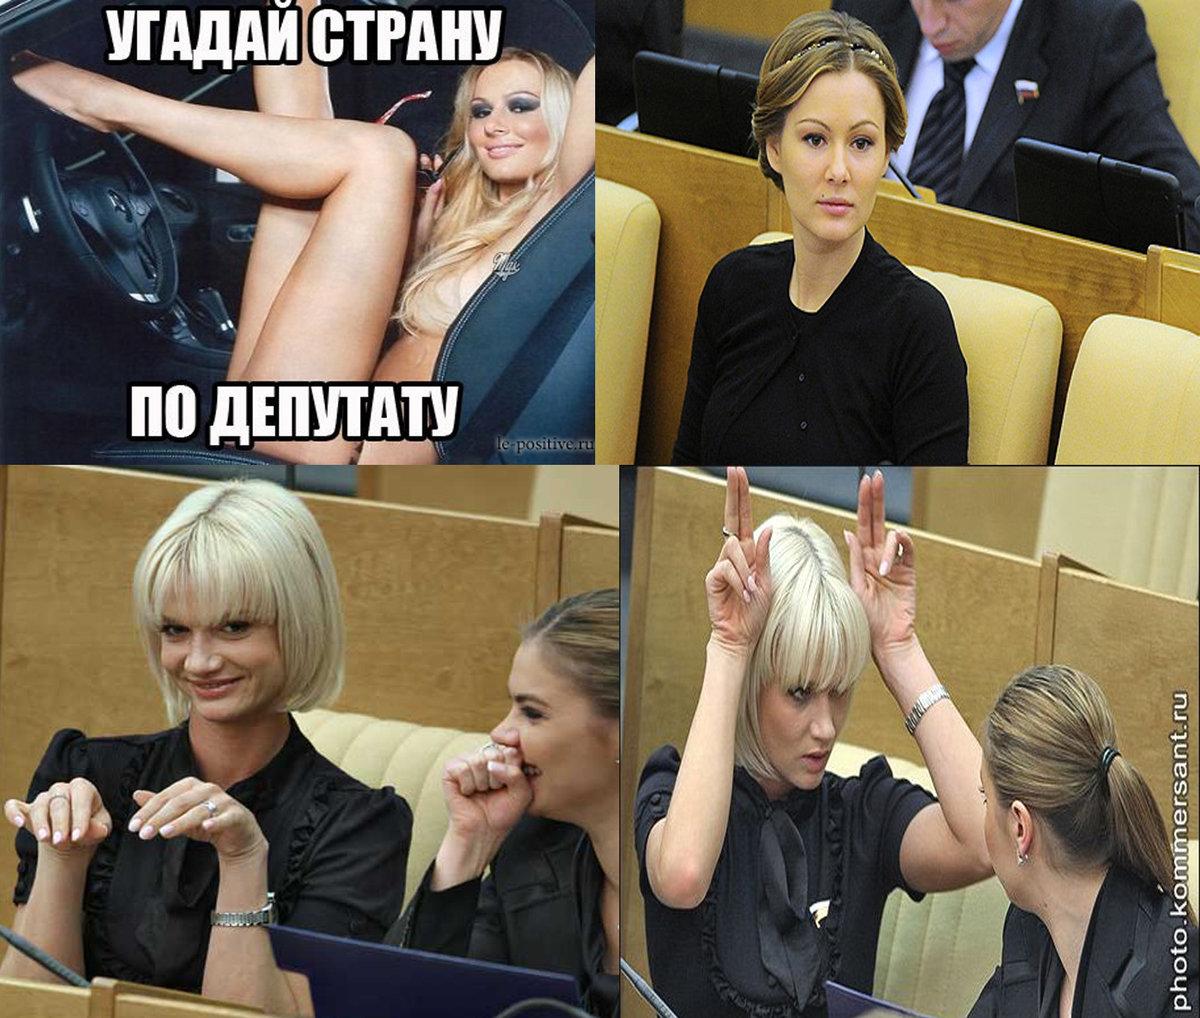 Прикольные картинки про депутатов